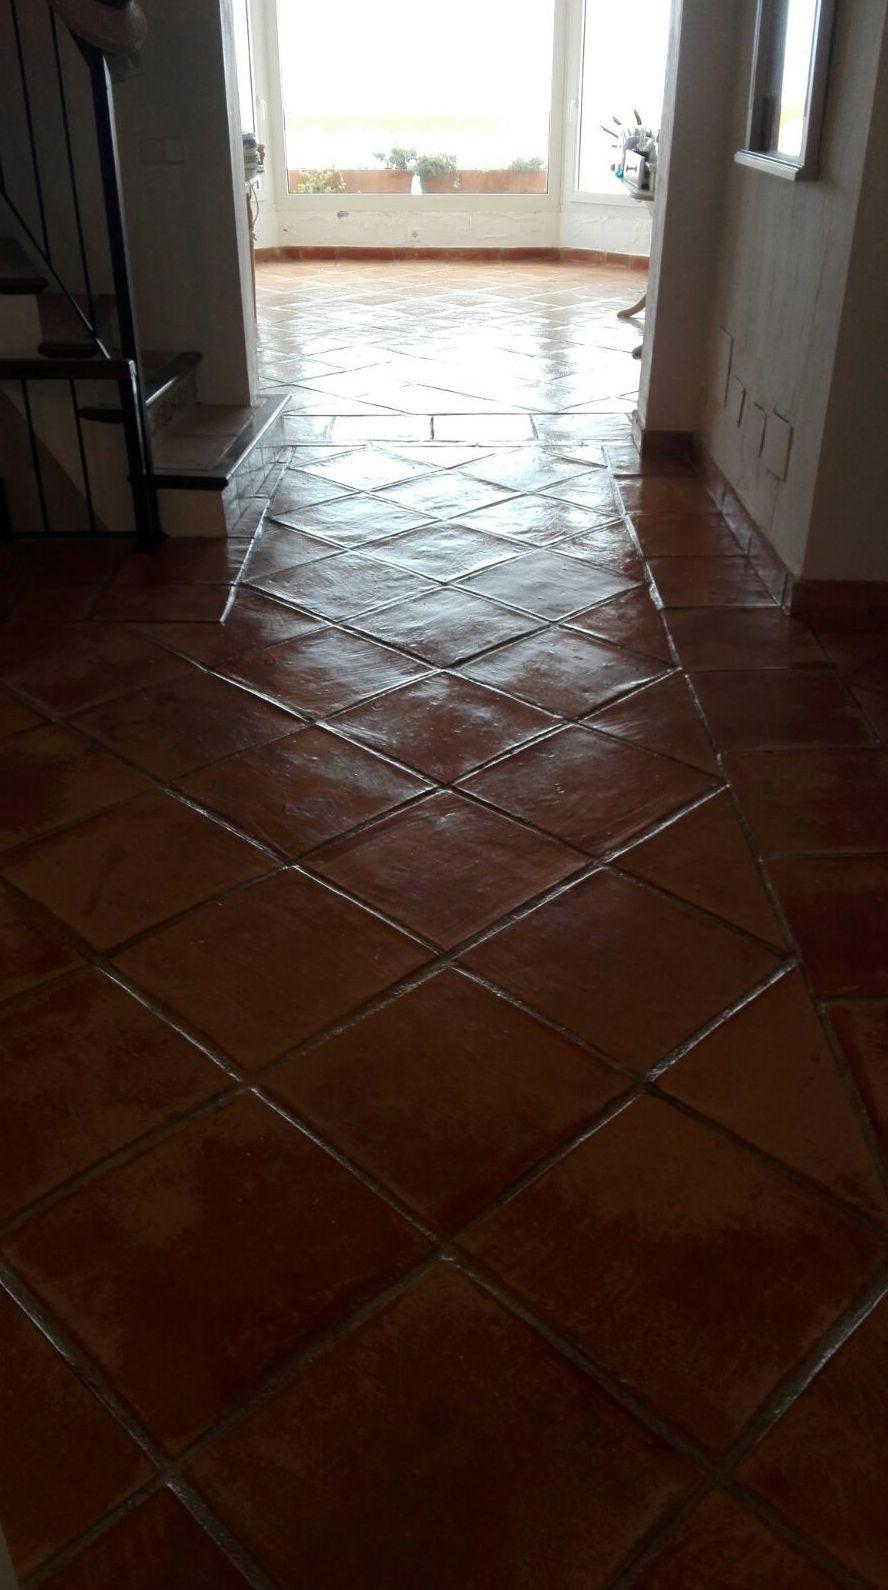 Restauración y tratamiento de mosaico barro.